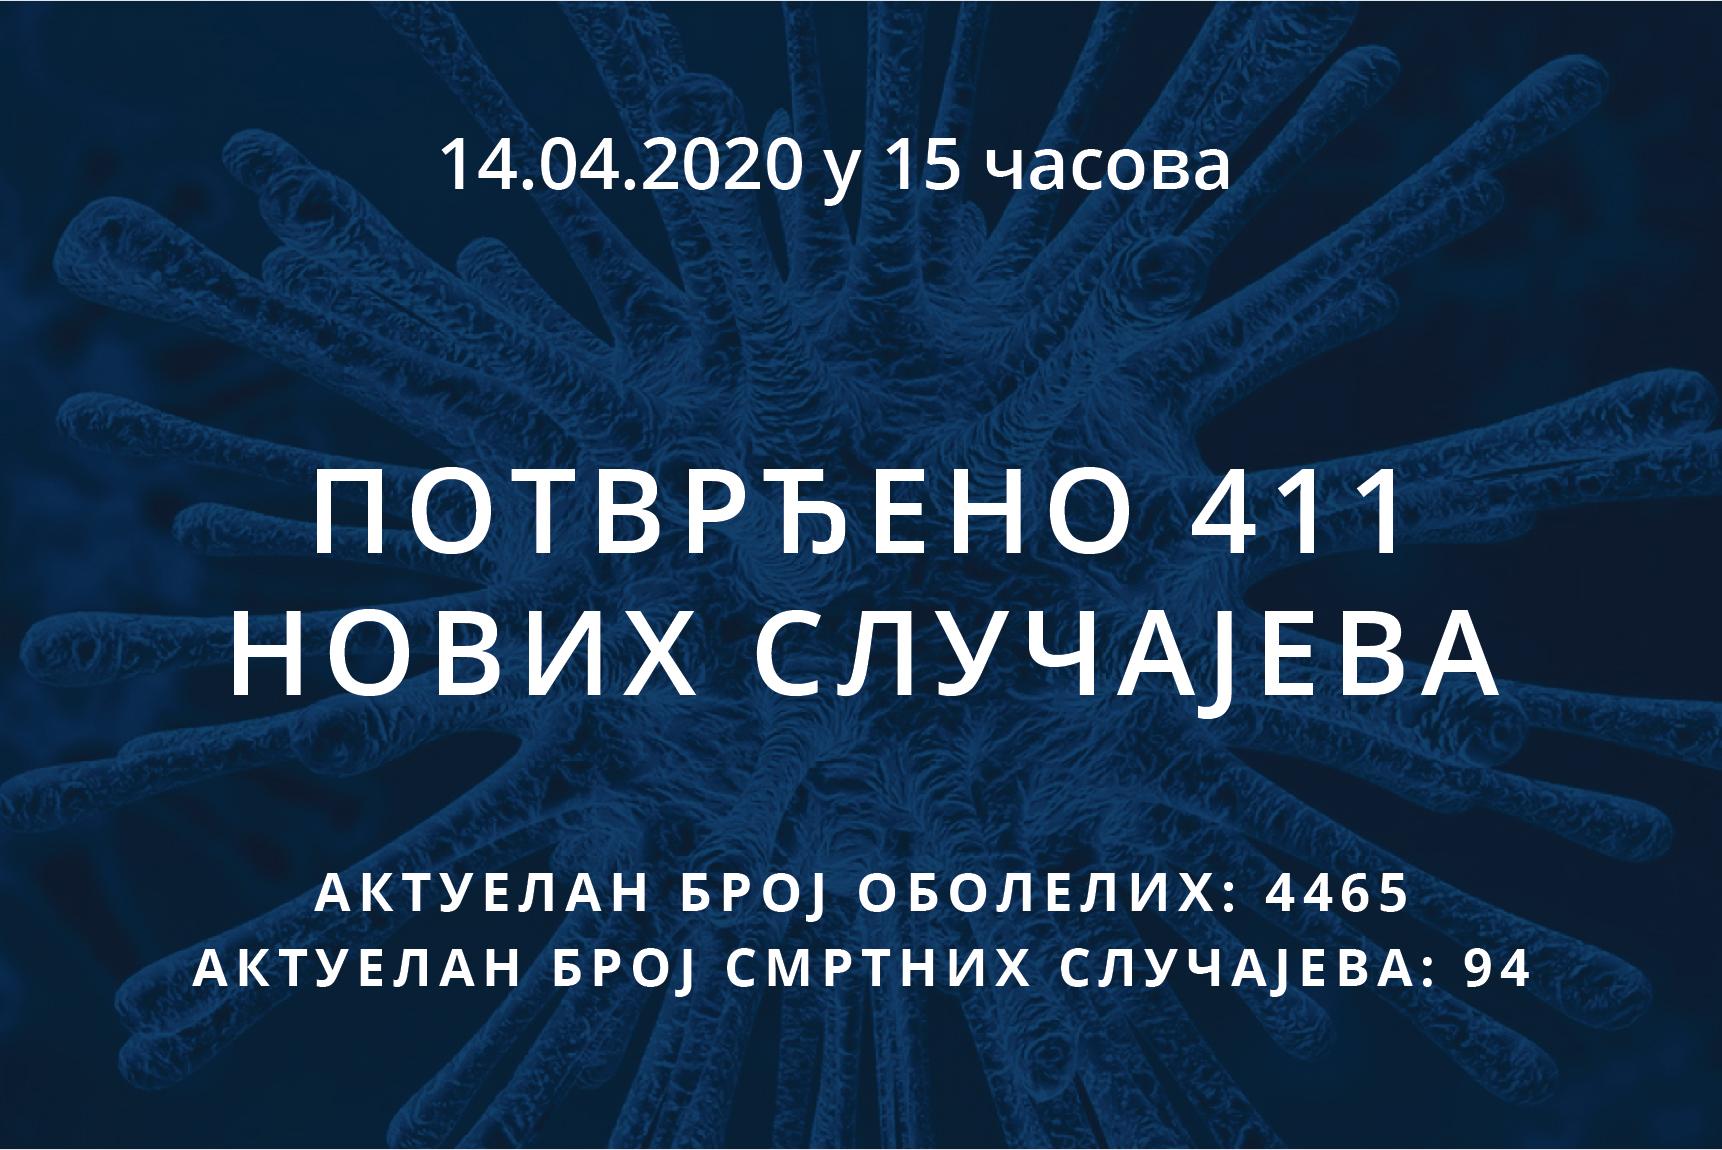 Информације о корона вирусу COVID-19, 14.04.2020 у 15 часова